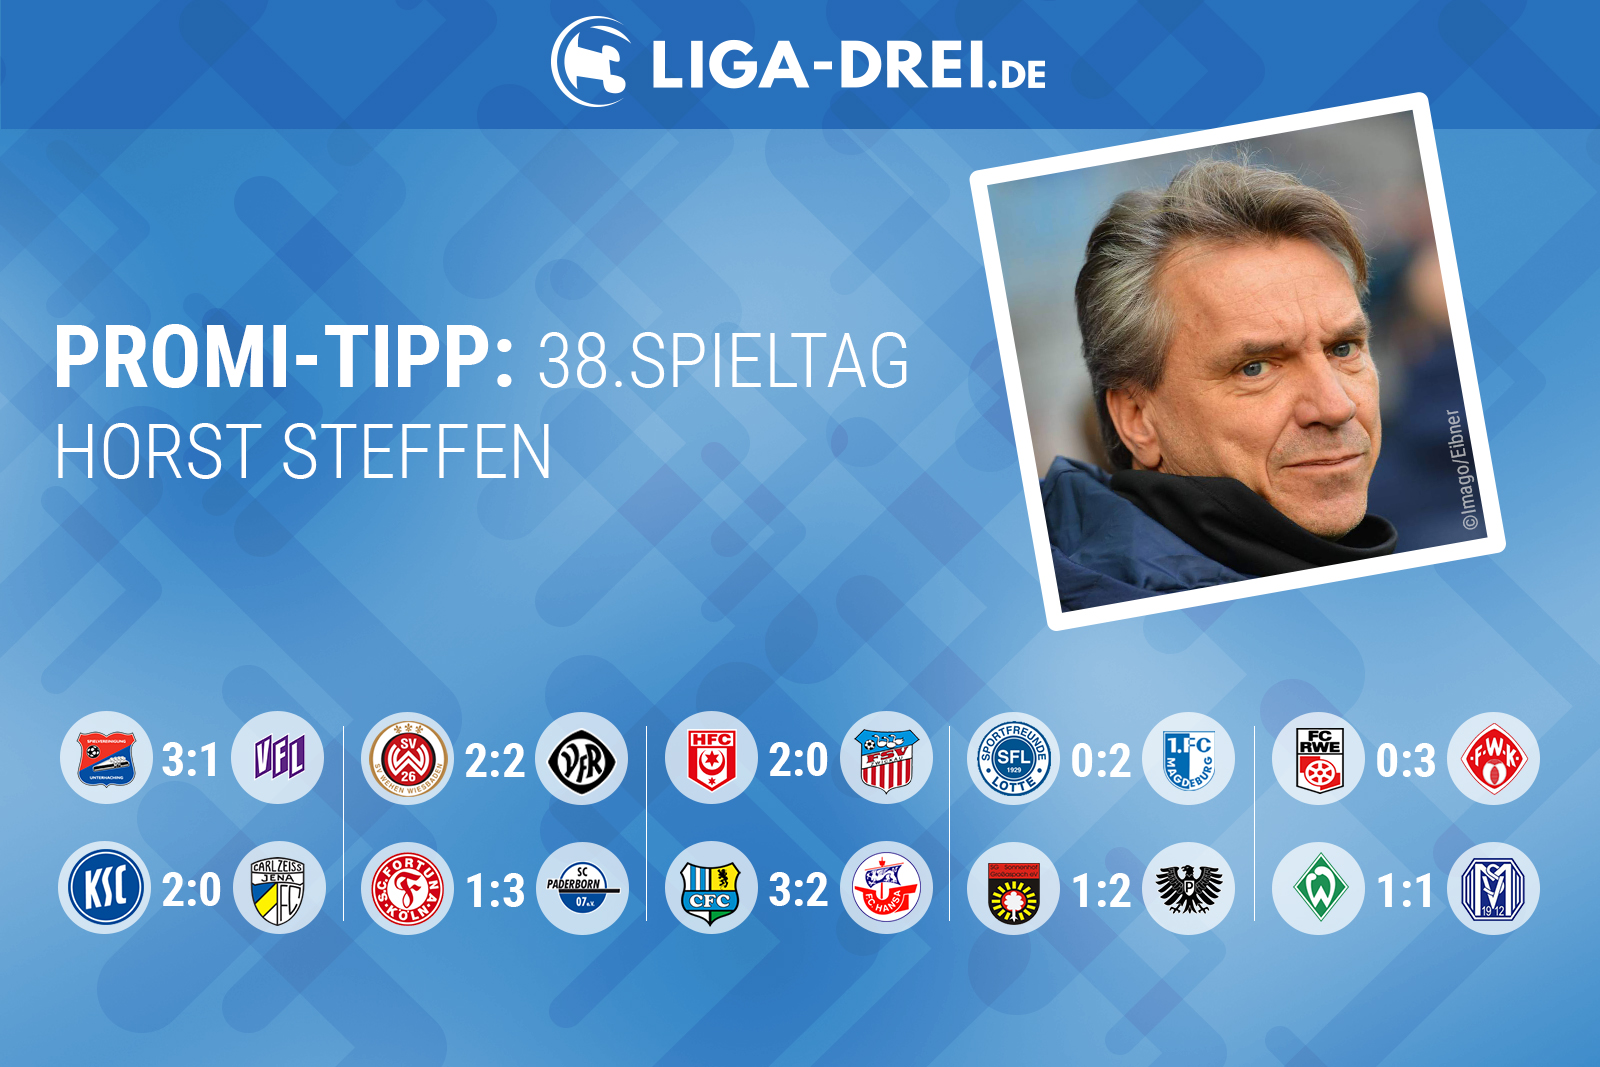 Horst Steffen tippt den 38. Spieltag